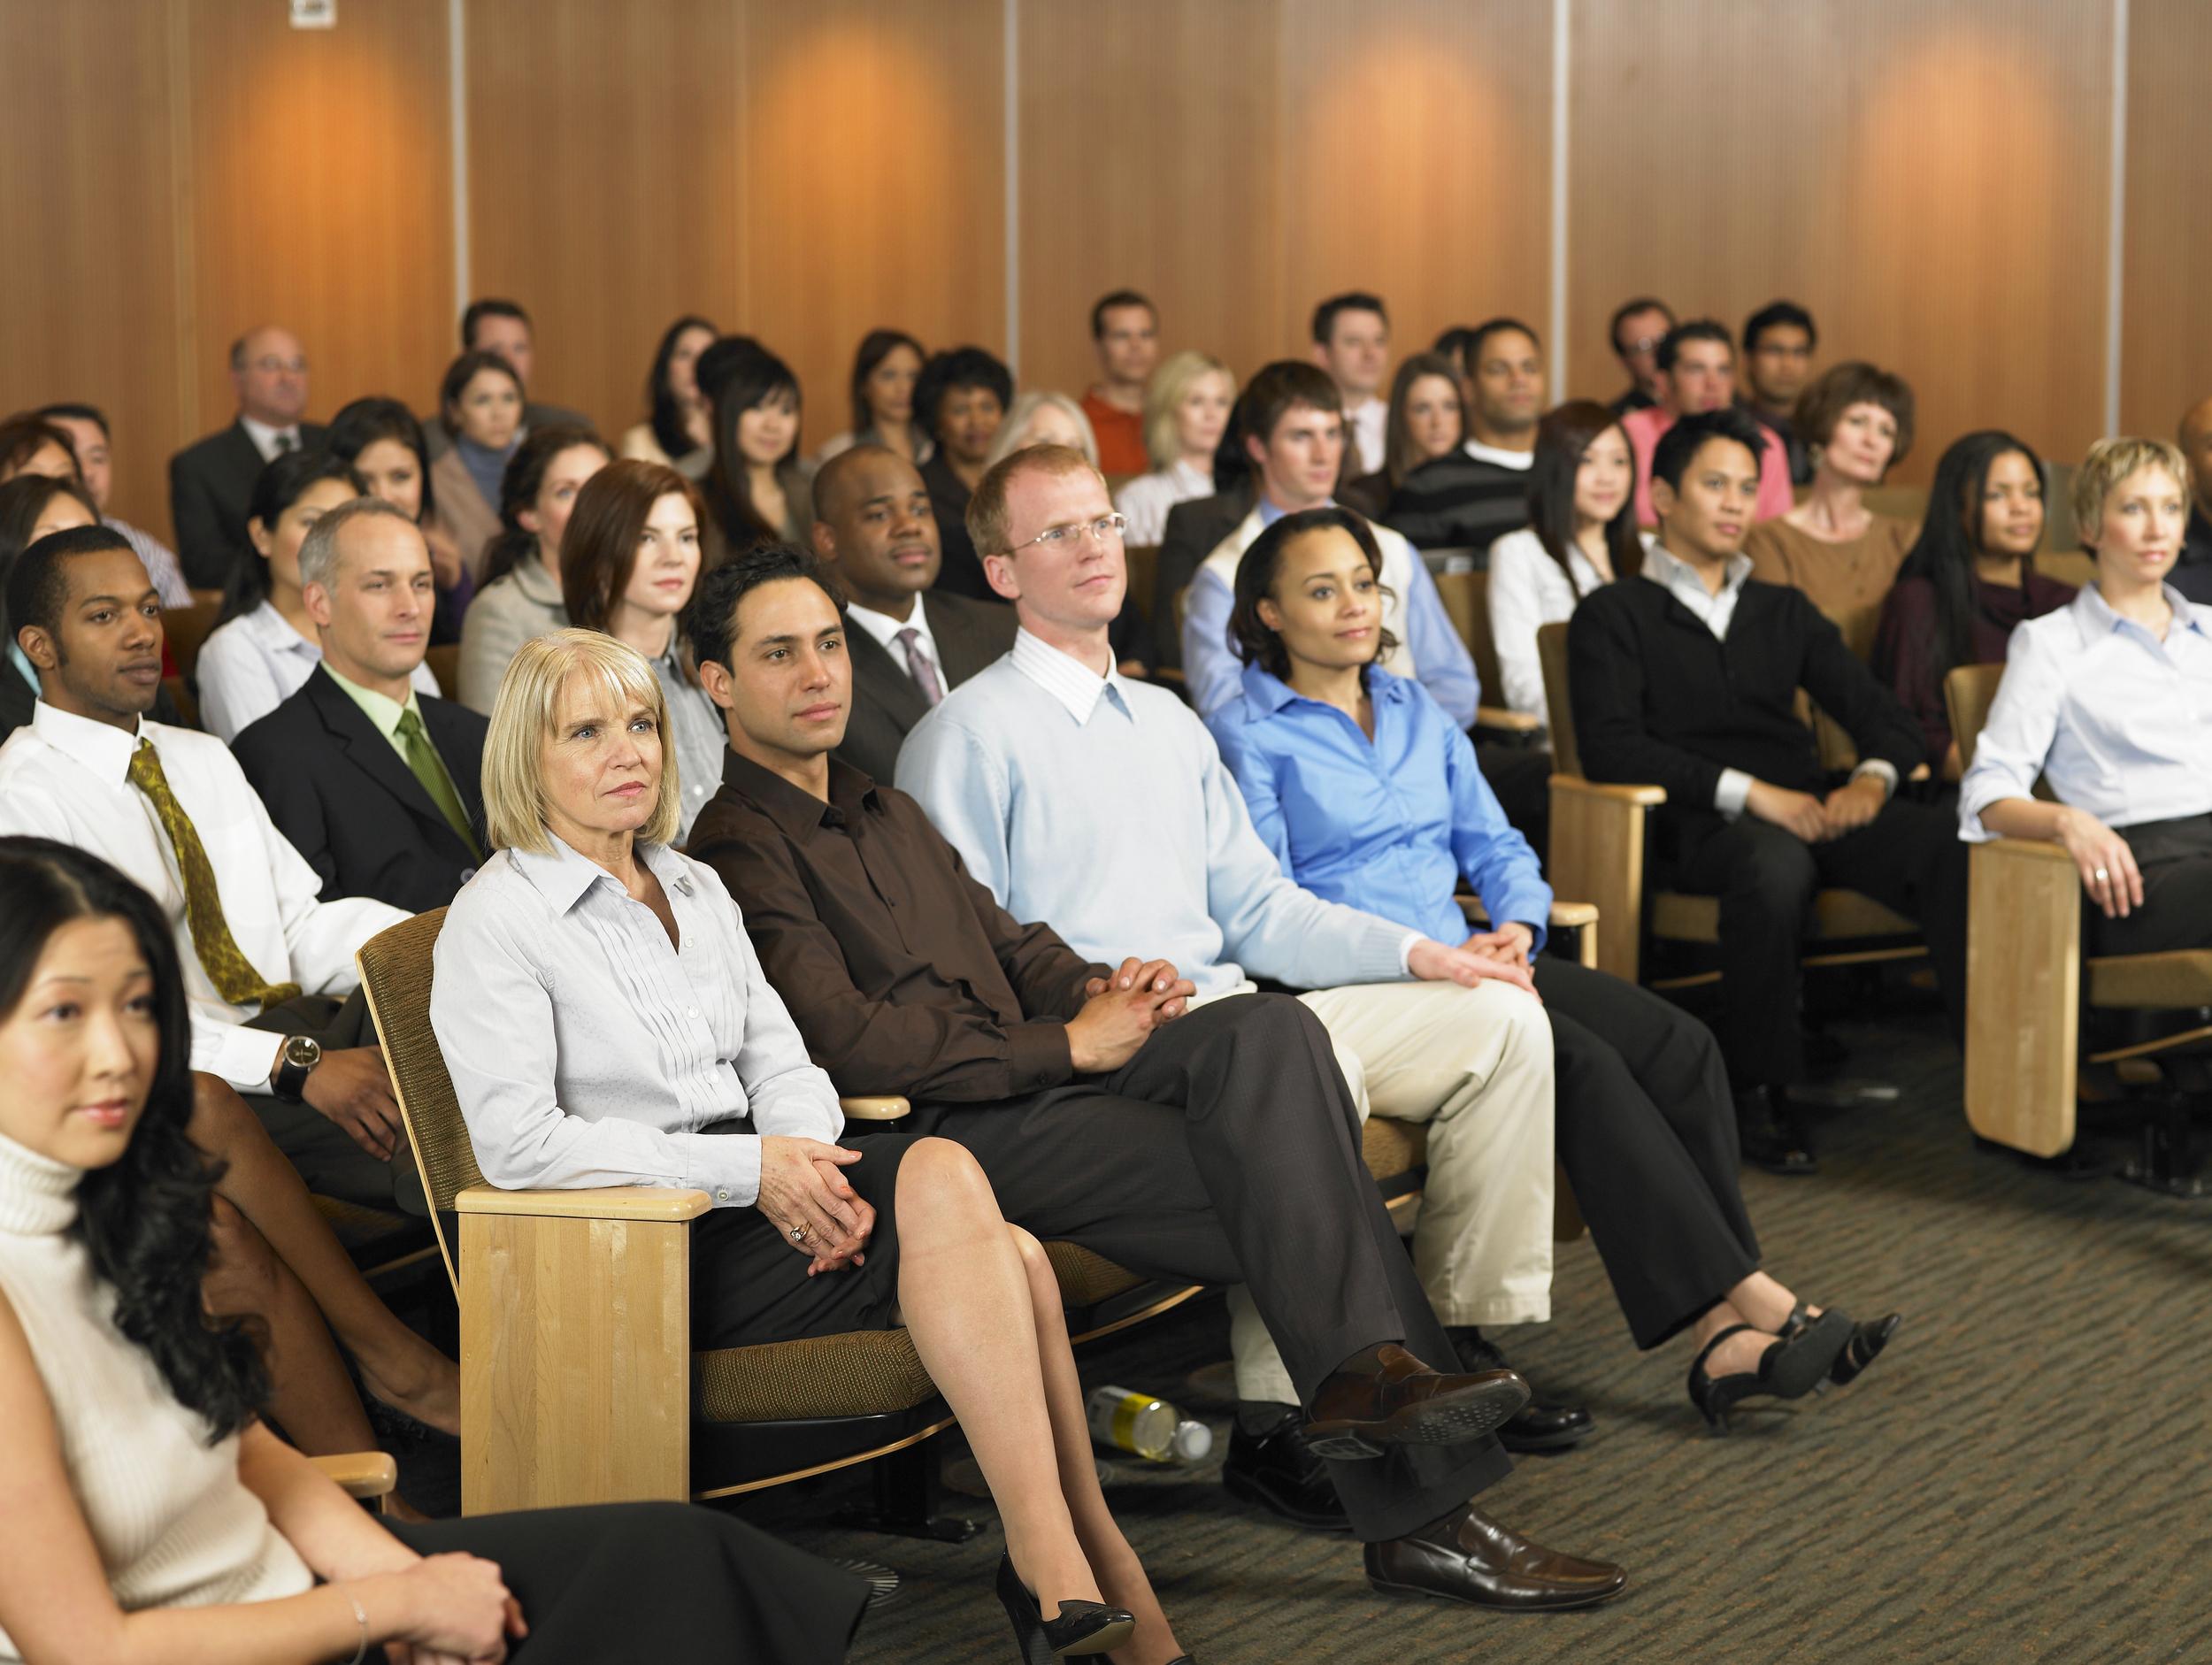 audience-rapt.jpg